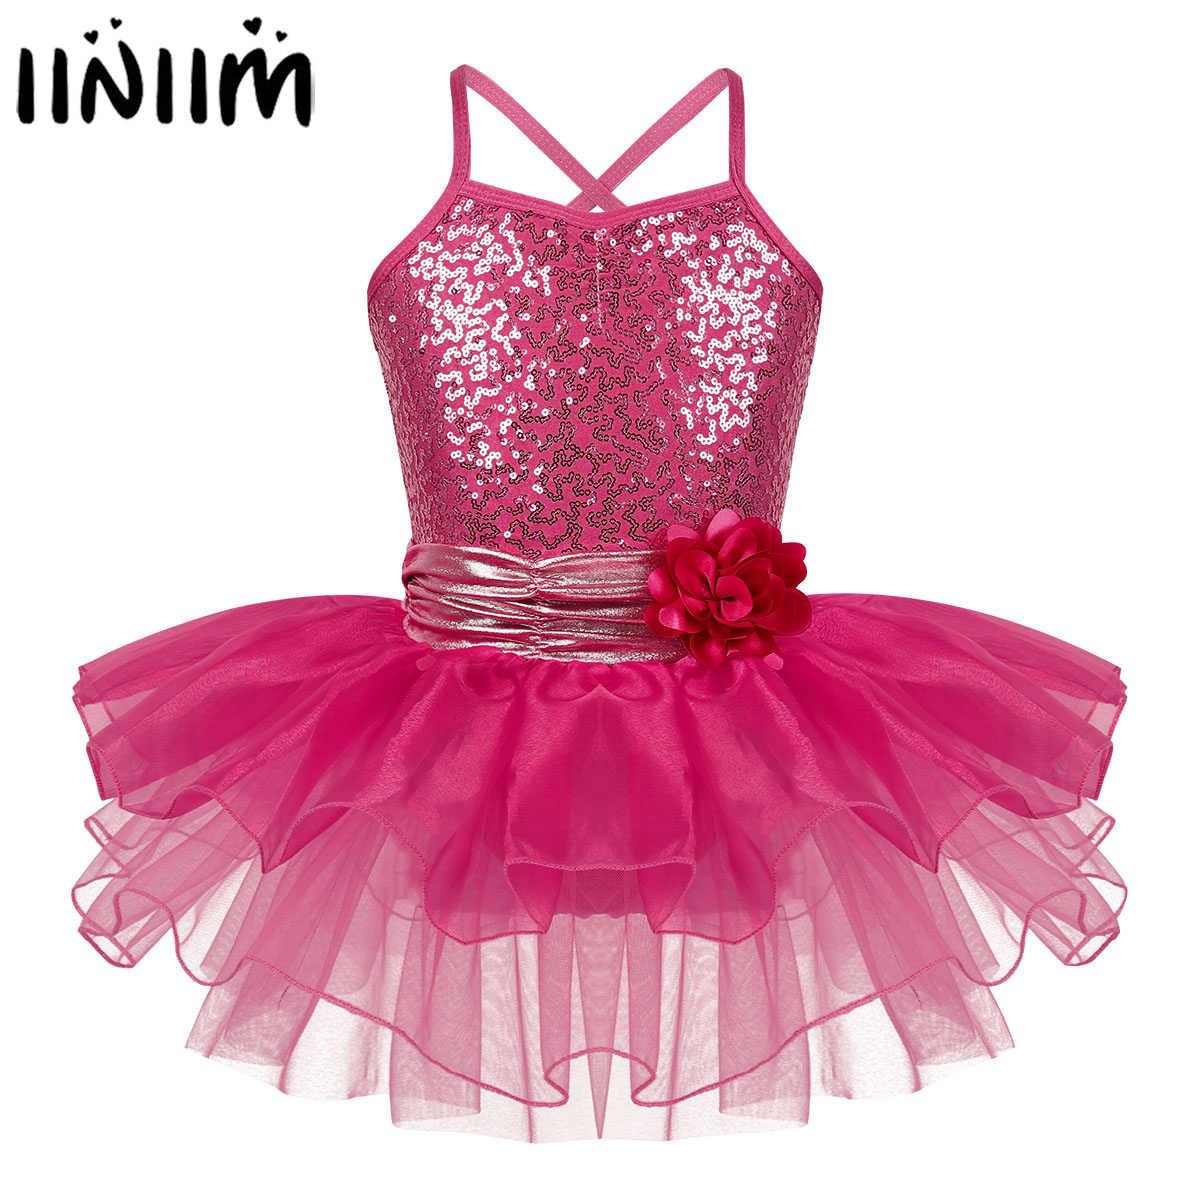 Iiniim çocuk kız çiçek kayış atletik lirik dans kostümleri partiler giyim balerin bale jimnastik Leotard Tutu elbise